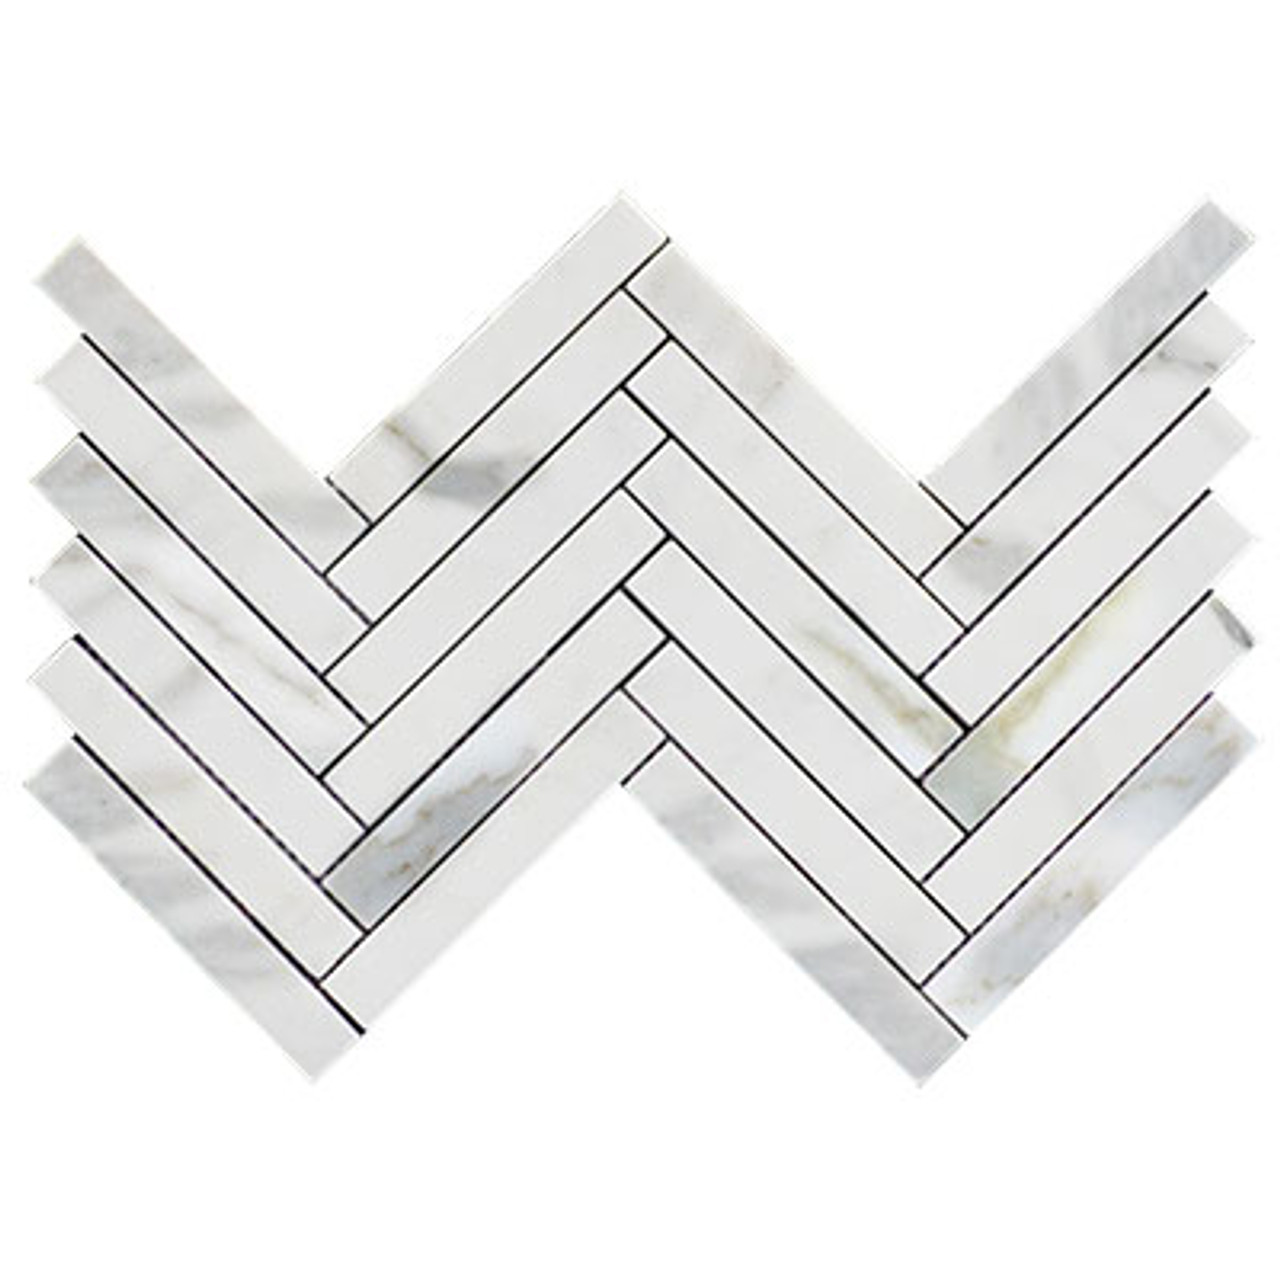 1 X 6 Calacatta Gold Marble Herringbone Mosaic Honed